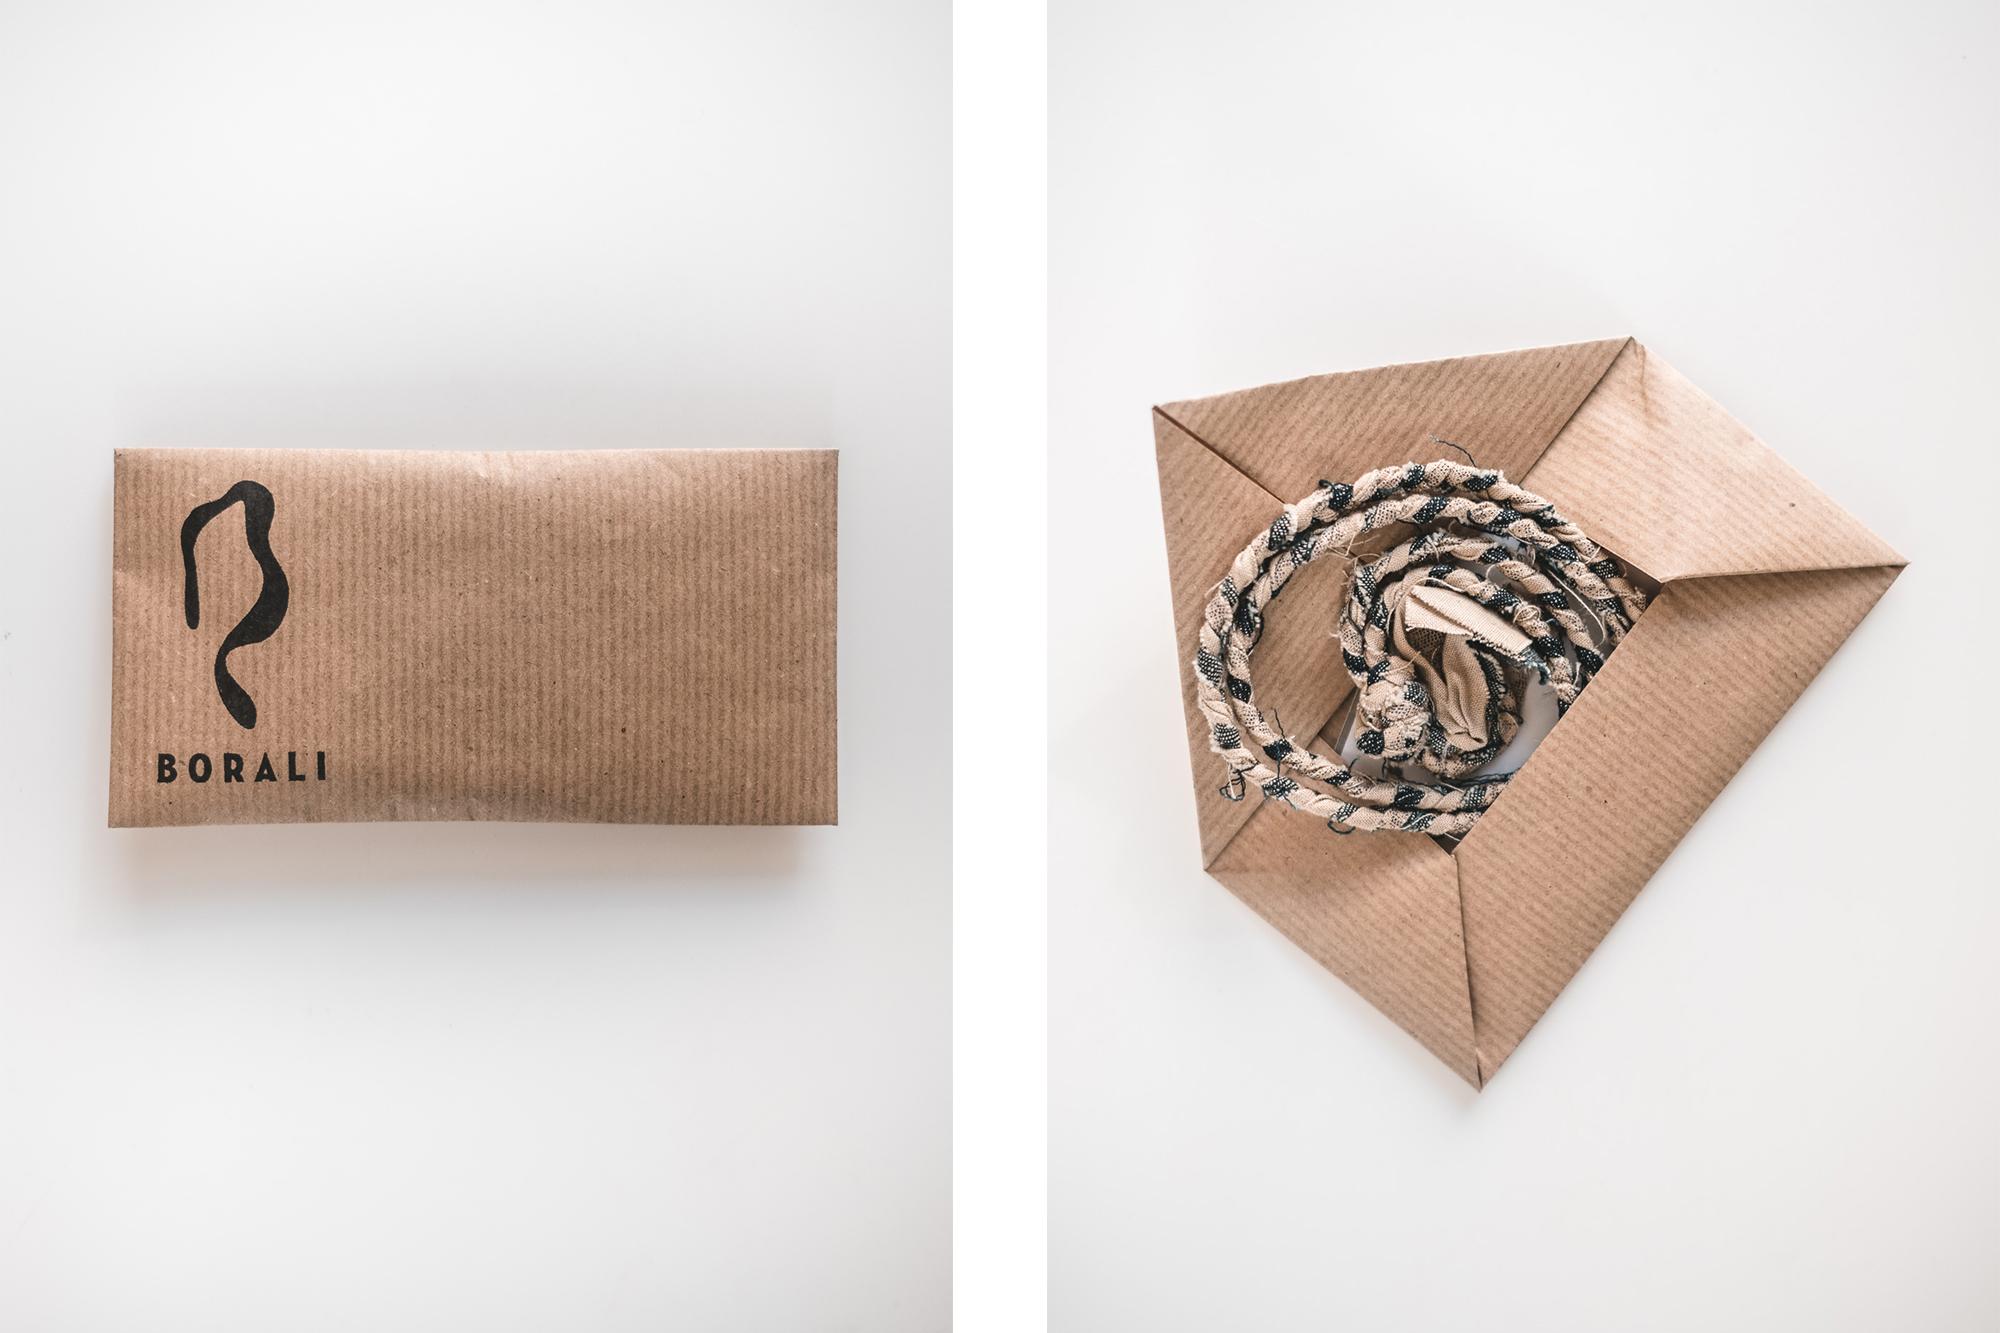 packaging & enveloppe Borali des colliers pour homme en tissus tressé